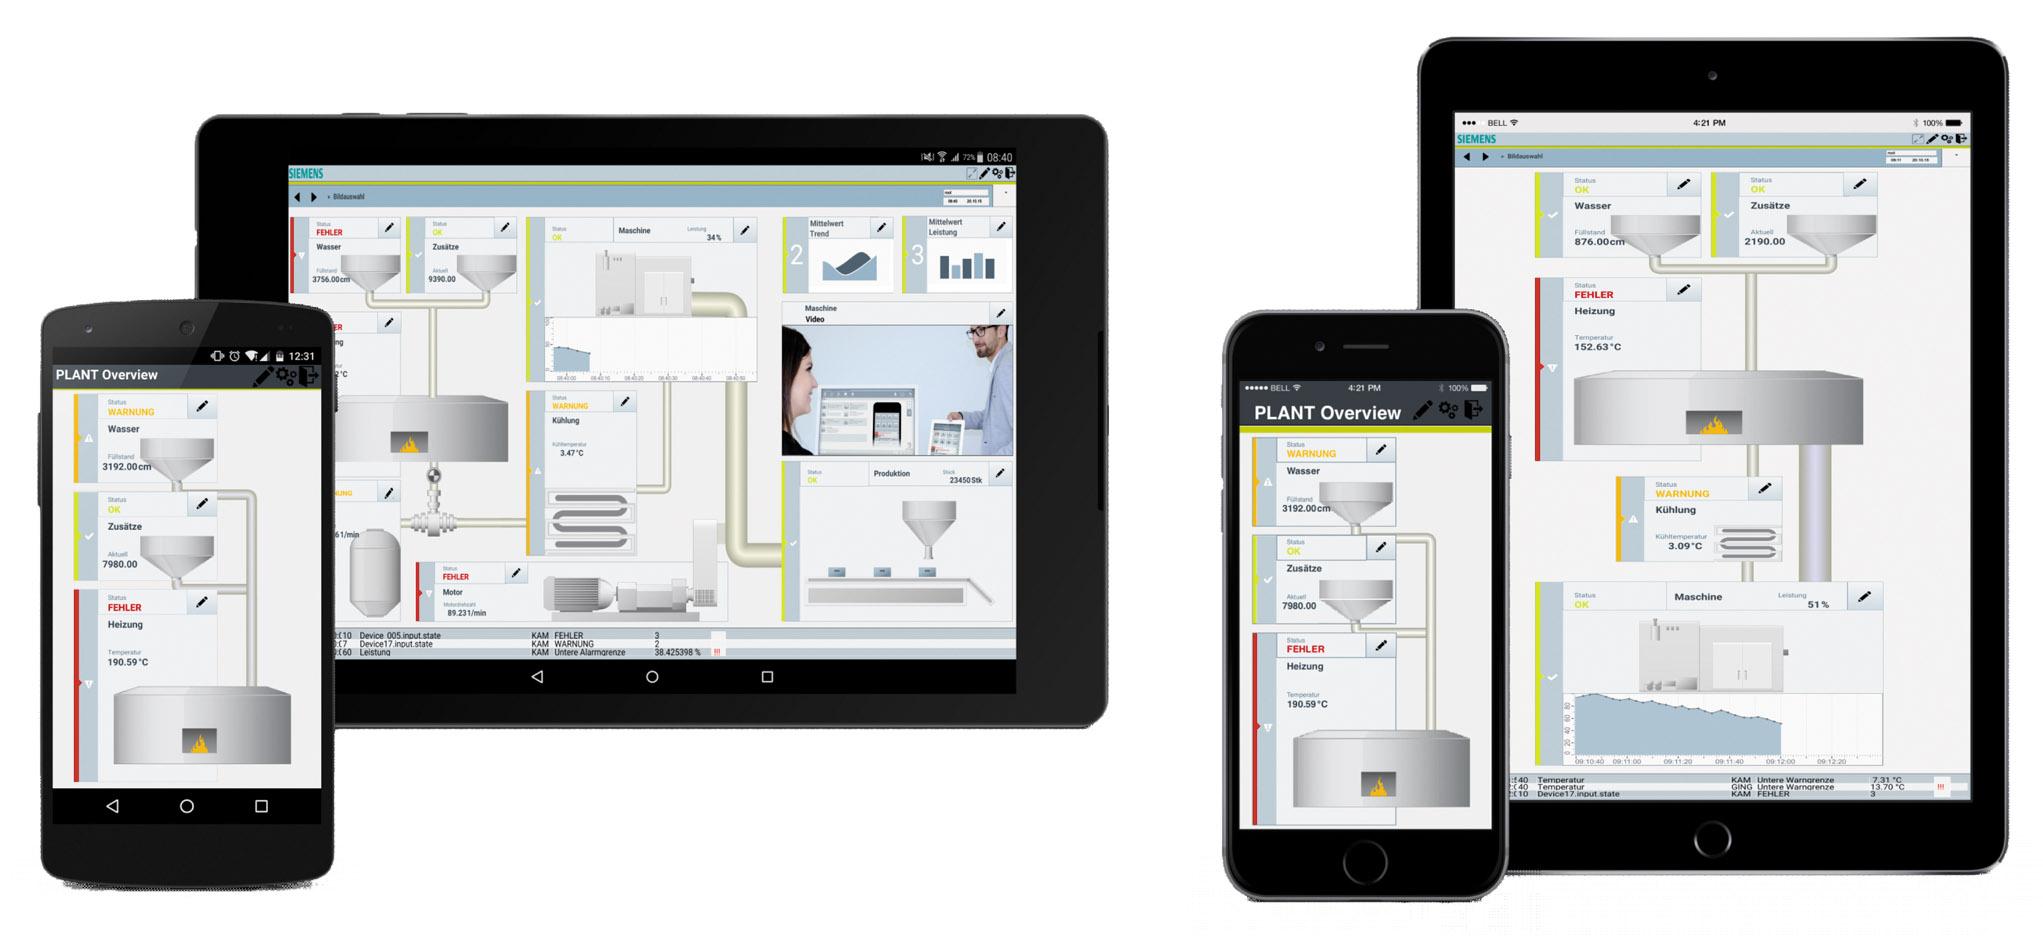 Рис. 6. Примеры пользовательского интерфейса WinCC OA для iOS и Android